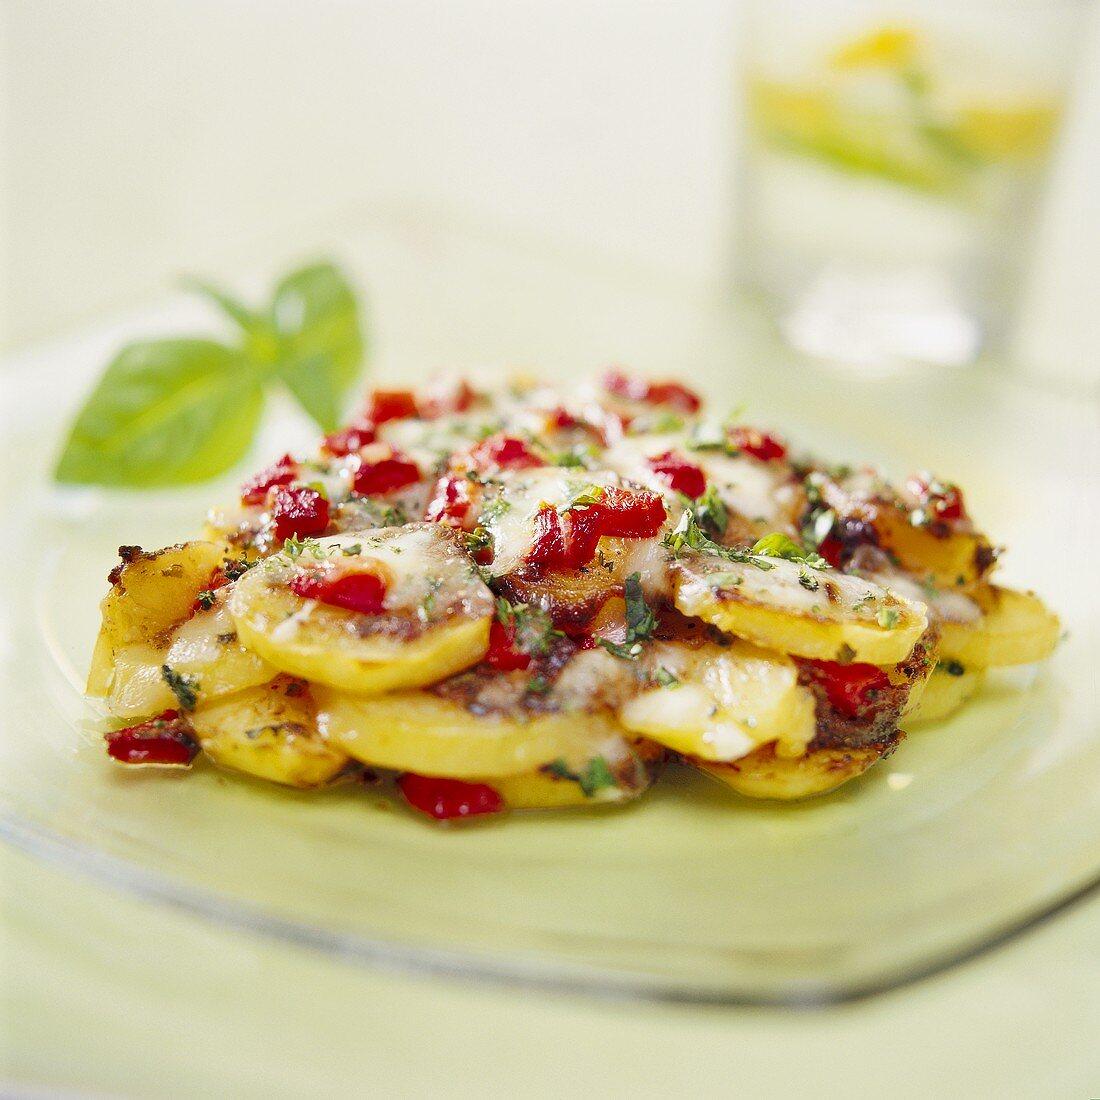 Potato, red pepper and mozzarella bake